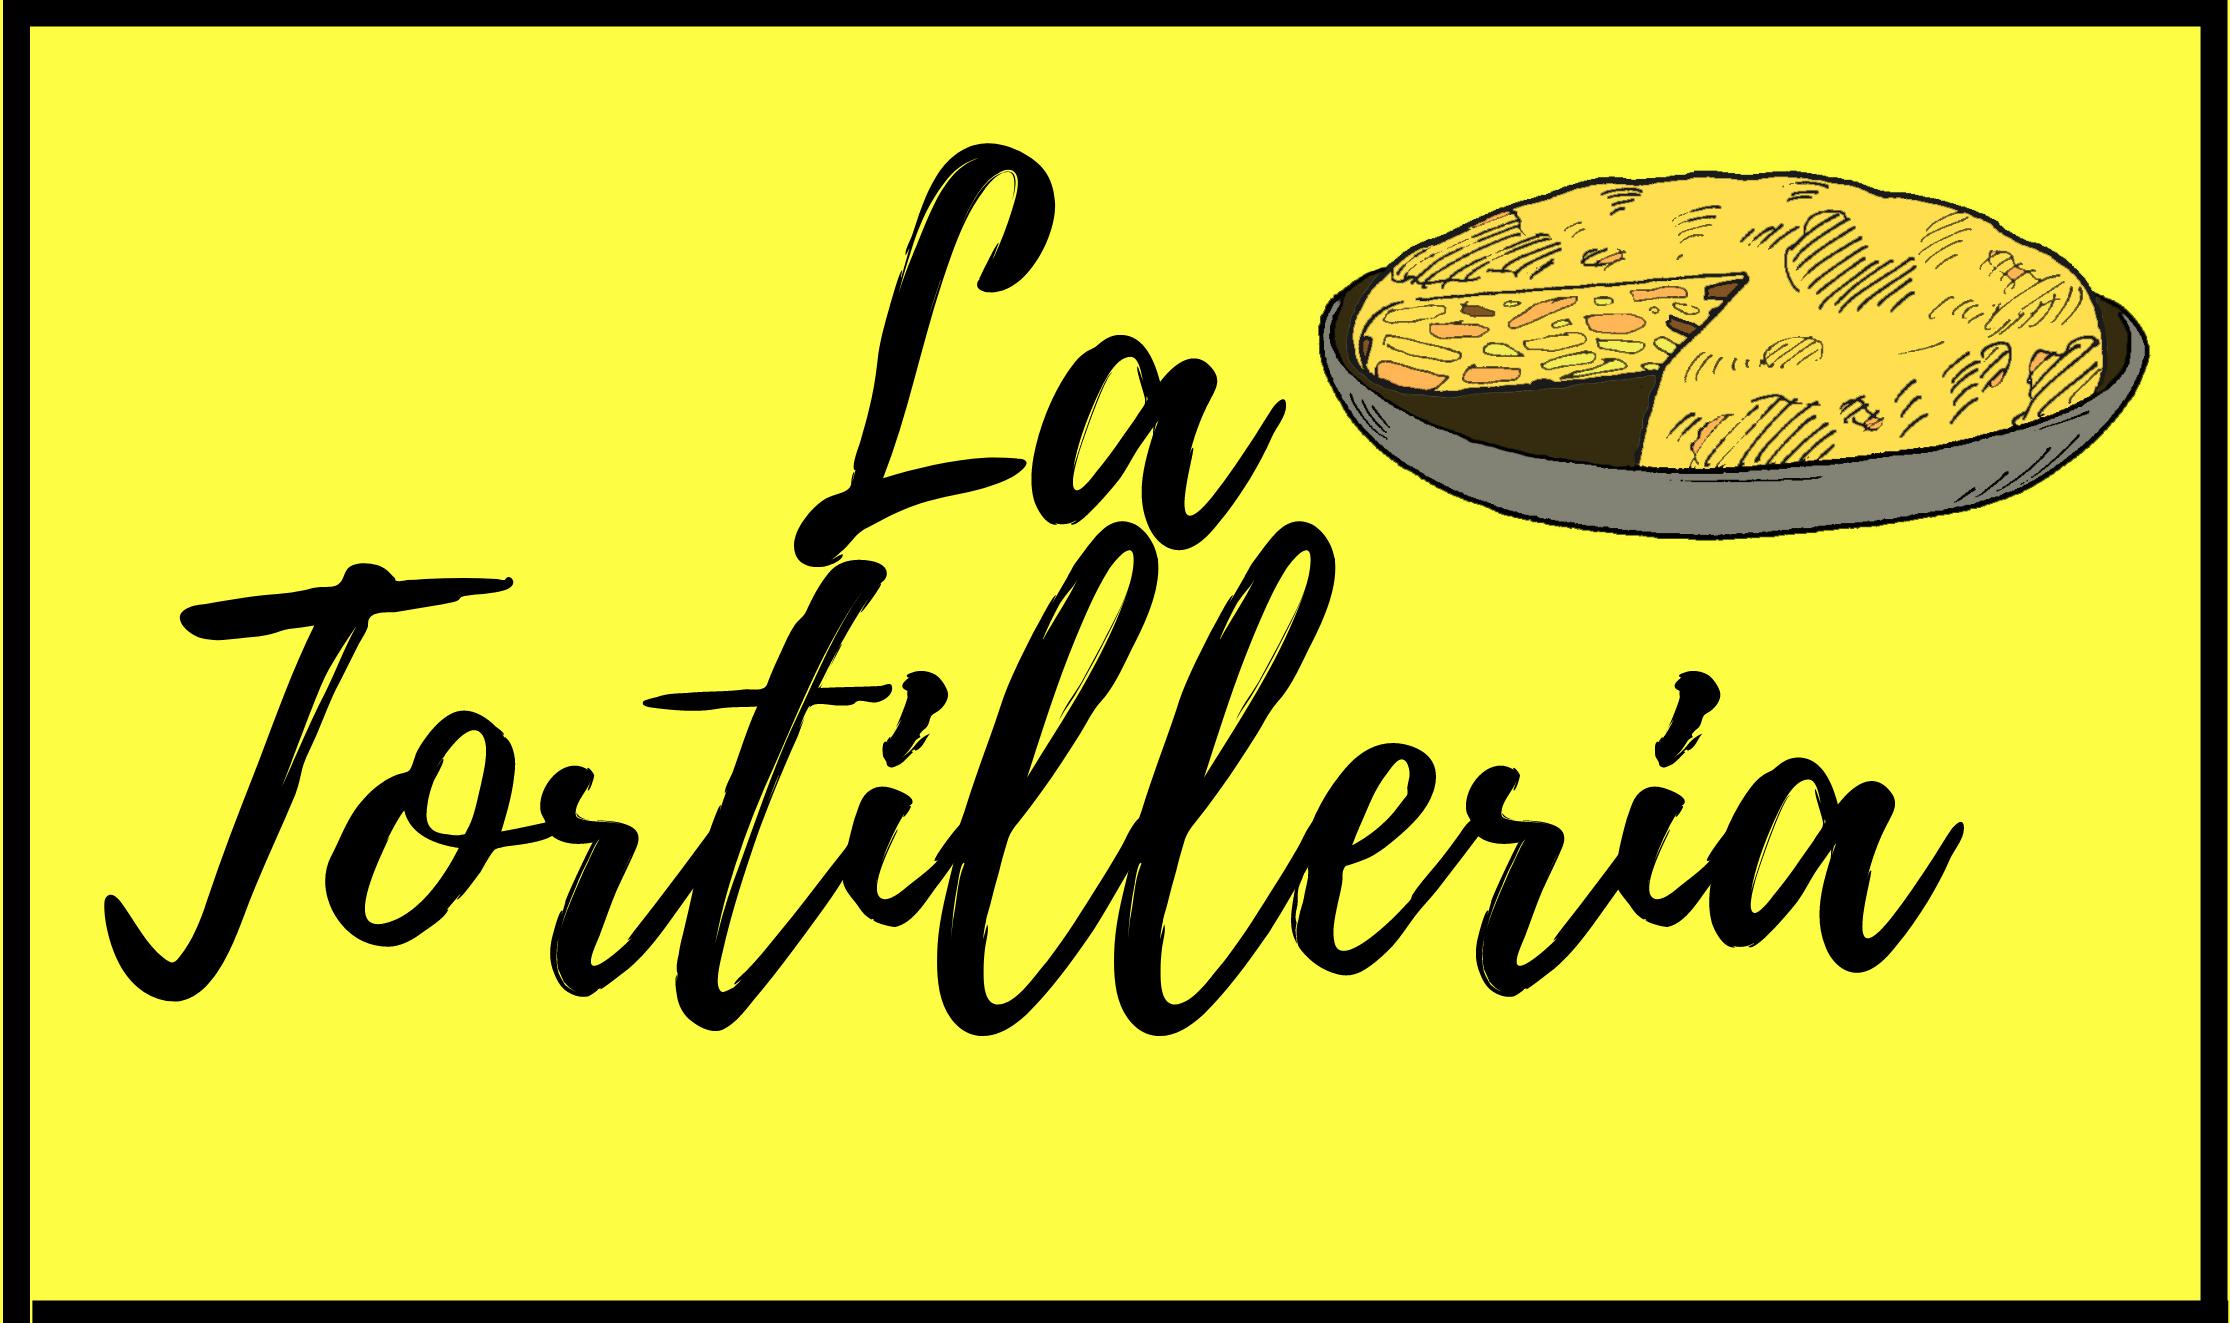 LA TORTILLERIA